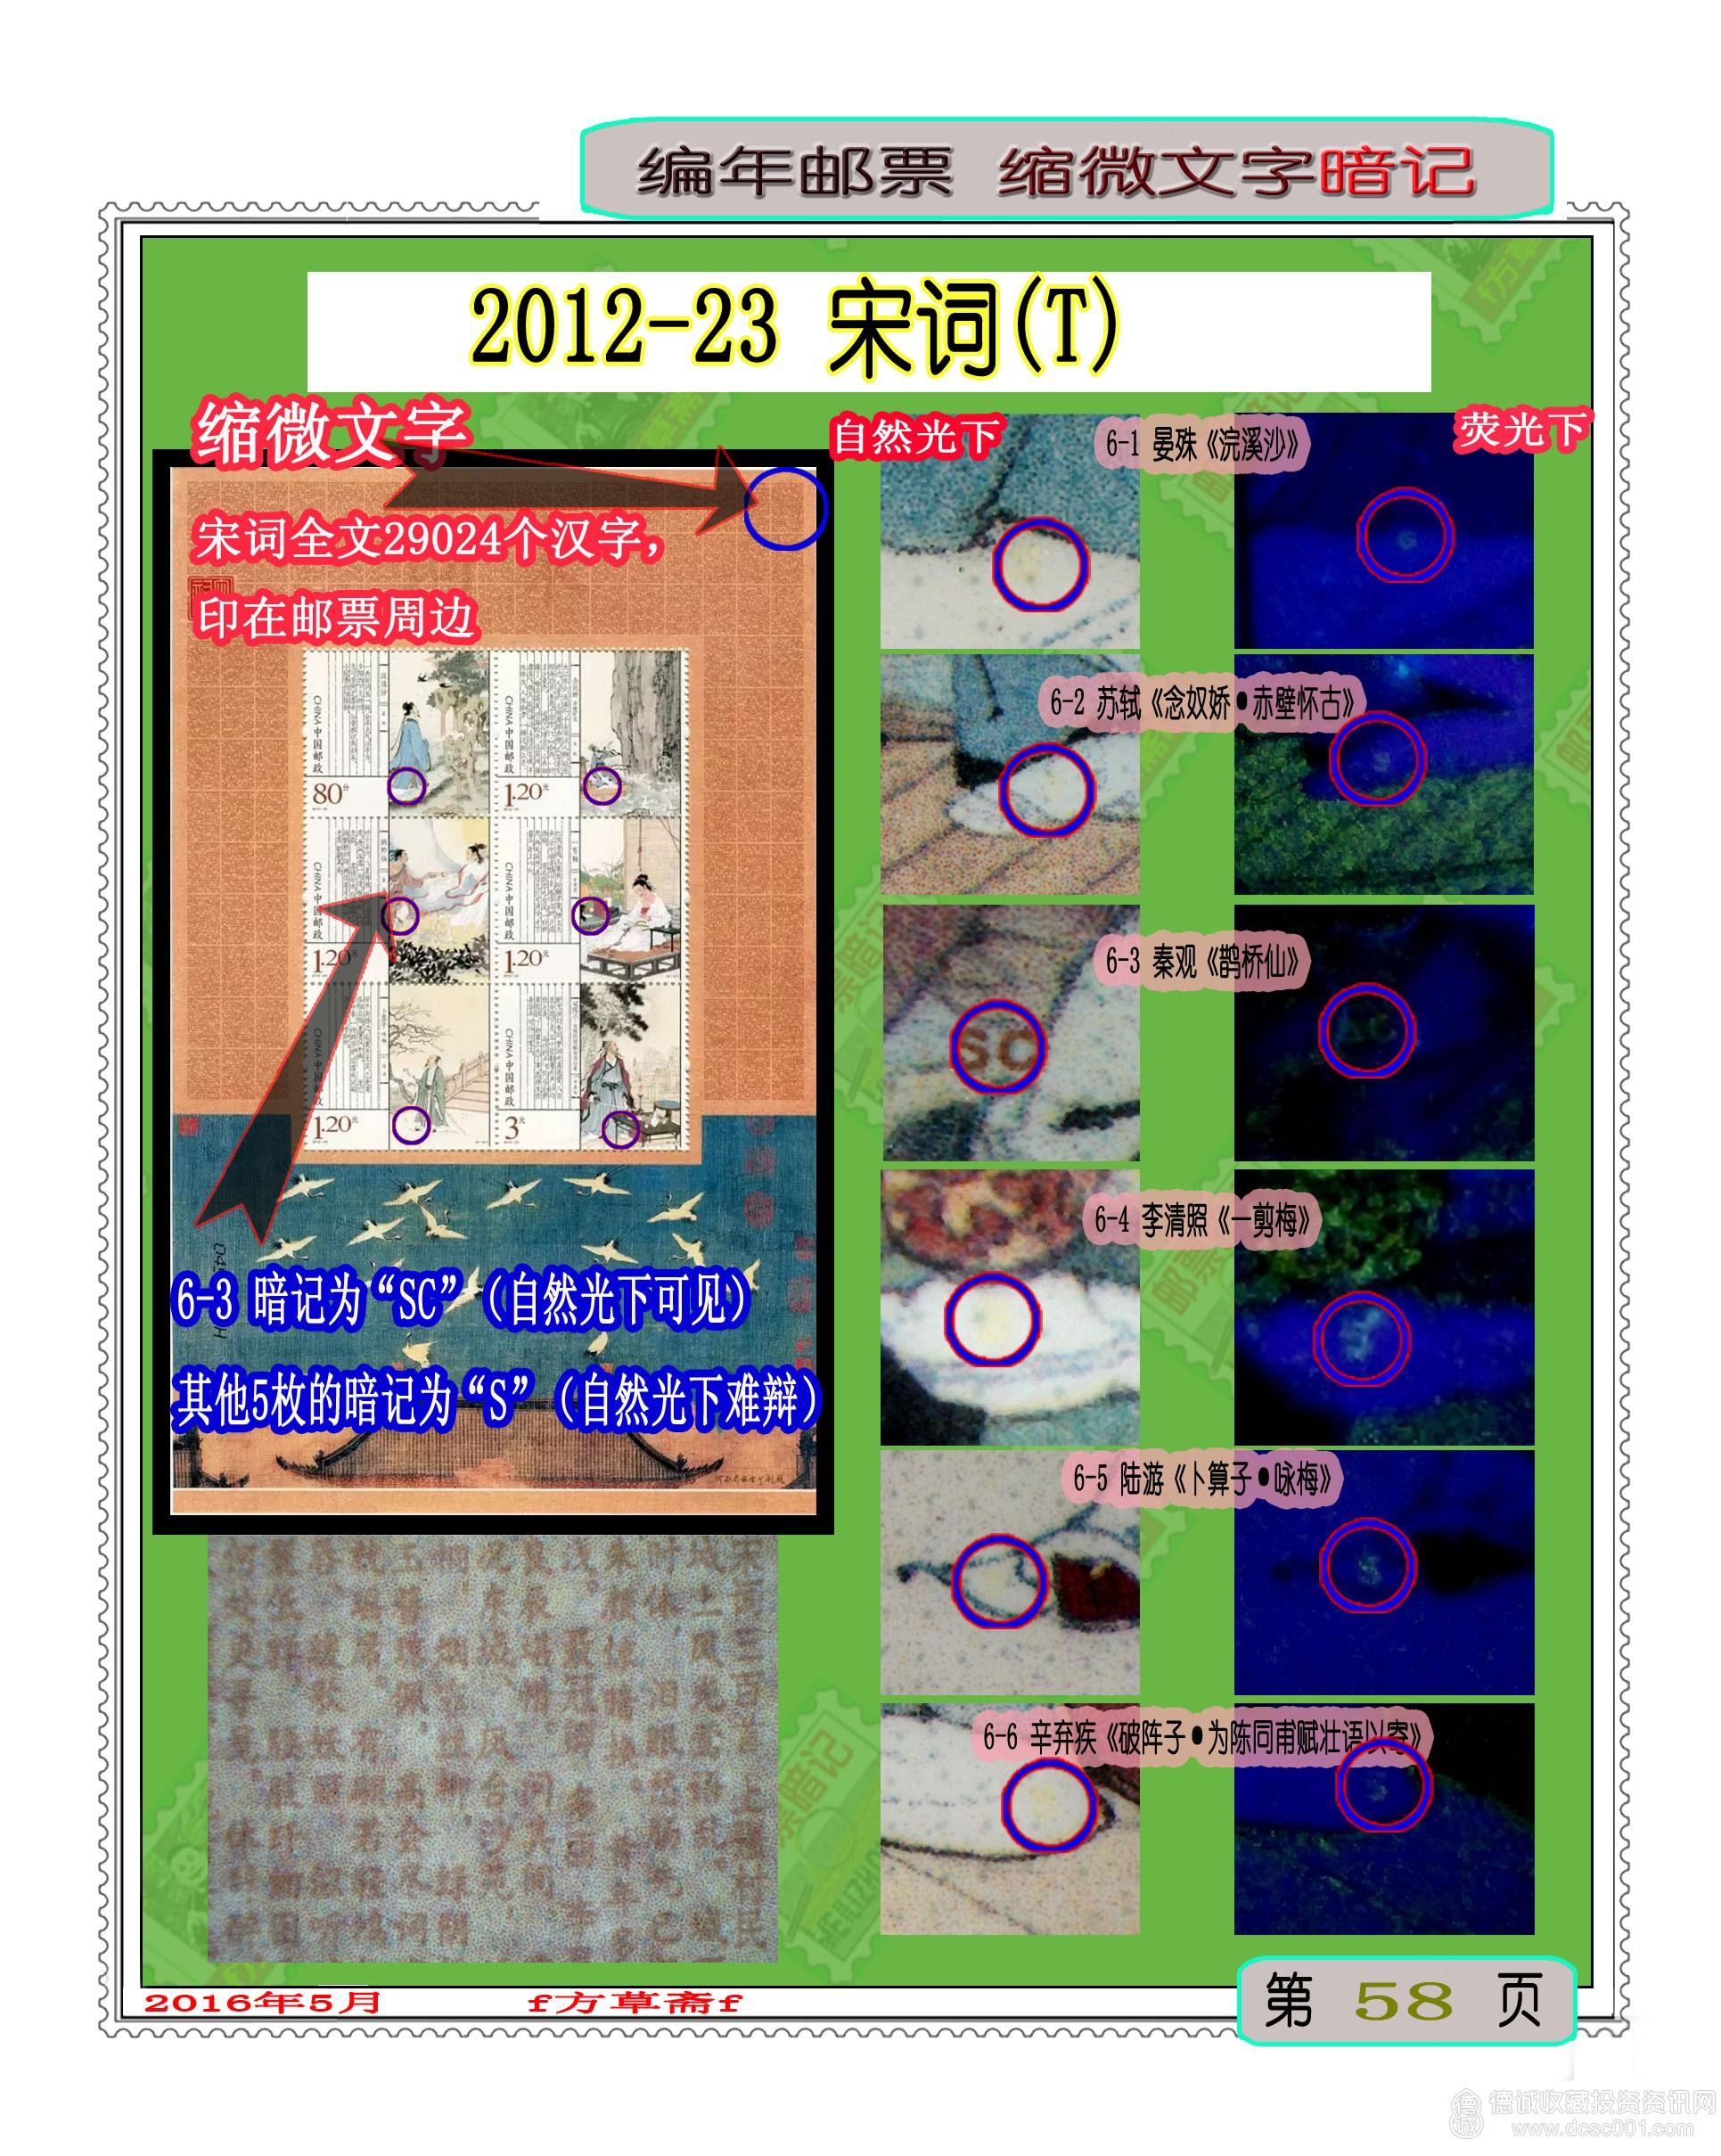 10、编年邮票暗记2012-23宋词--改正版.jpg